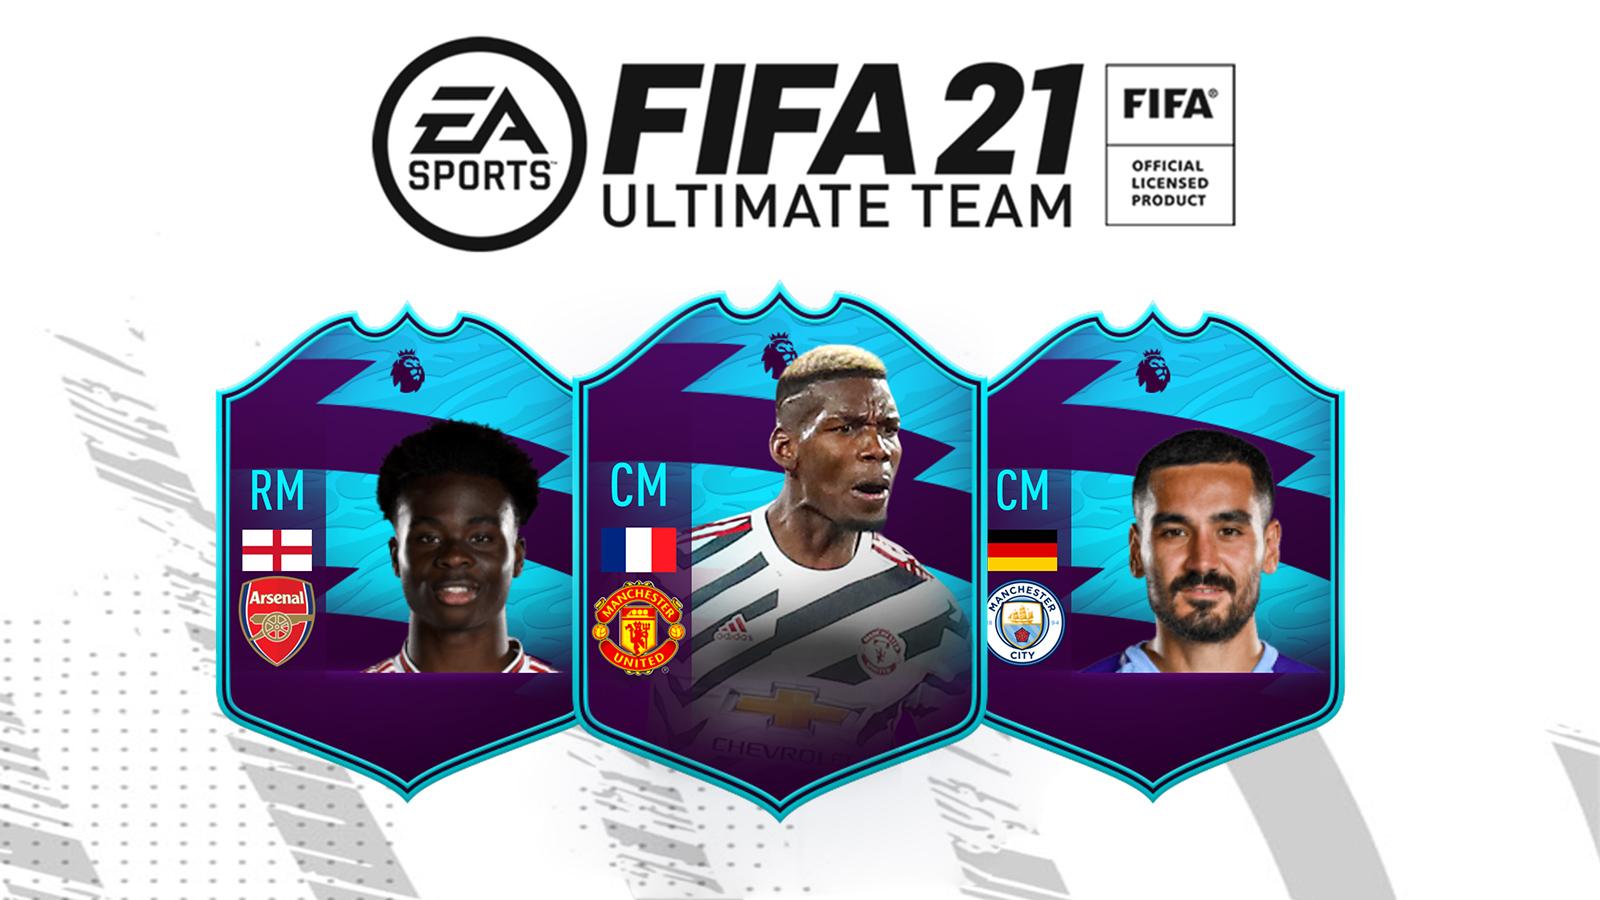 POTM FIFA 21Premier League janvier